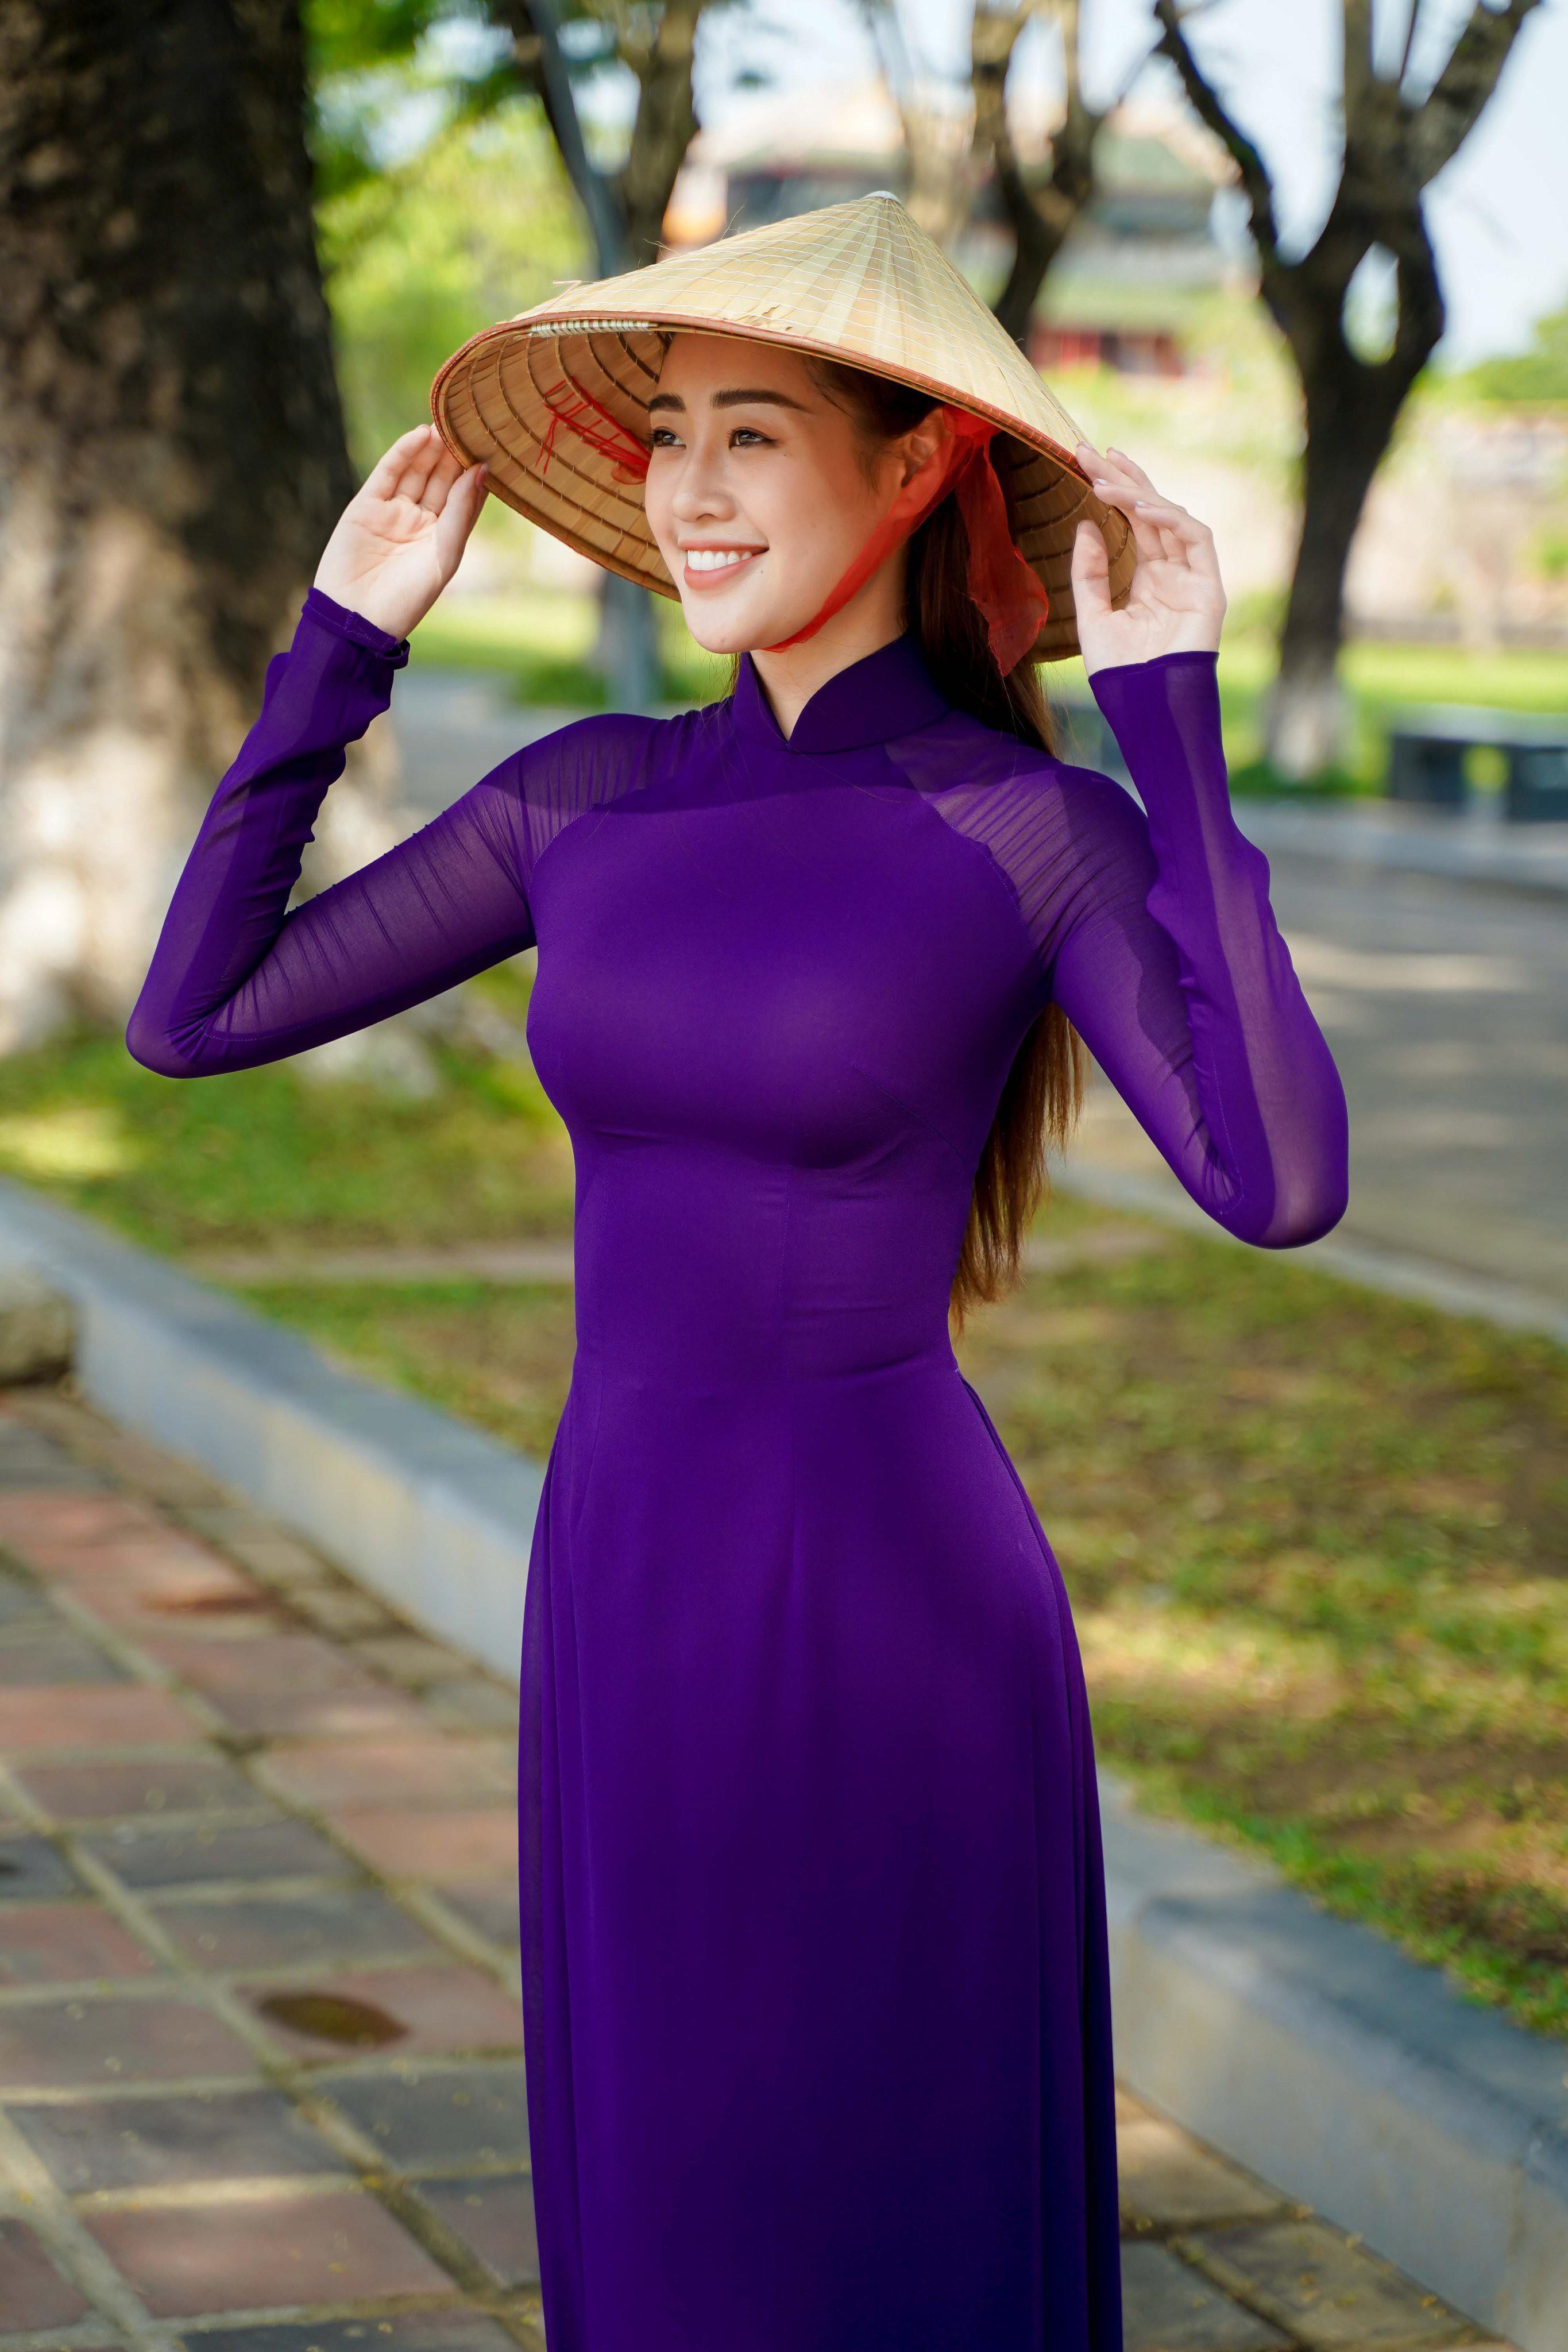 Hoa hậu Khánh Vân diện áo dài tím hóa thành cô gái xứ Huế Ảnh 1